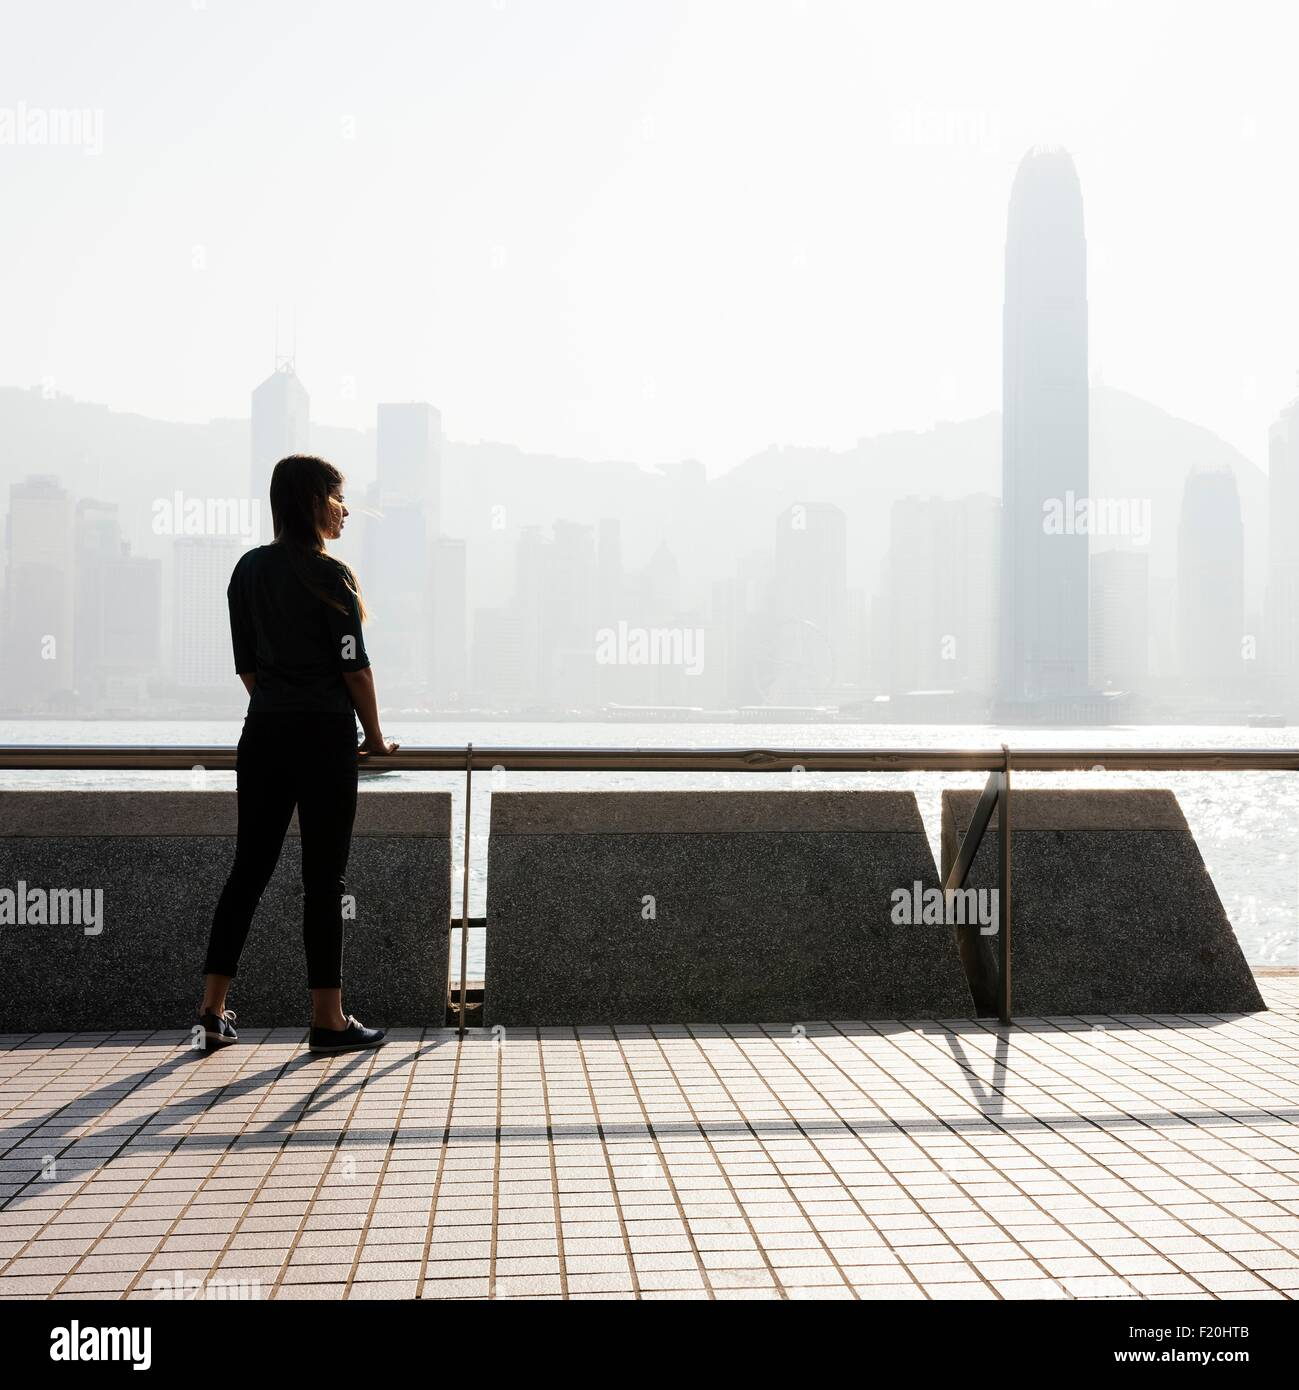 La silhouette du side view of young woman standing donnant sur l'eau à horizon, Hong Kong, Chine Photo Stock